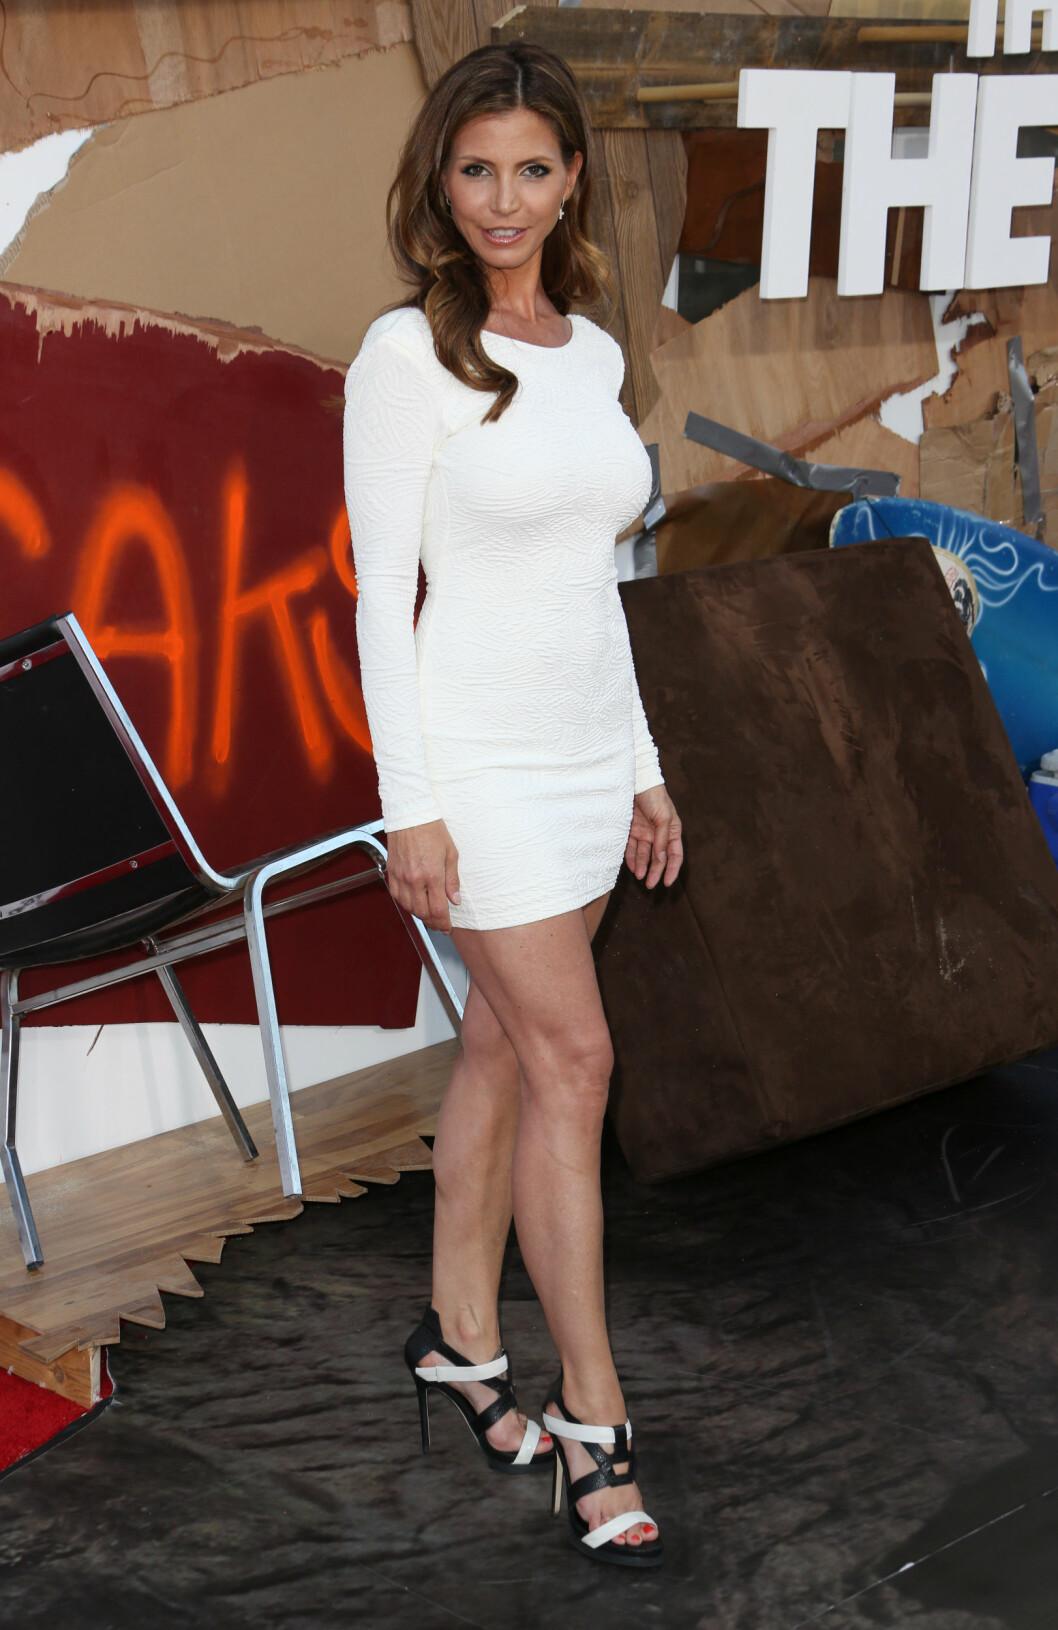 BLE ANGREPET: Da skuespilleren var 21 år gammel, ble hun angrepet av en serievoldtektsmann. Det er først nå hun står fram med sin historie. Foto: All Over Press